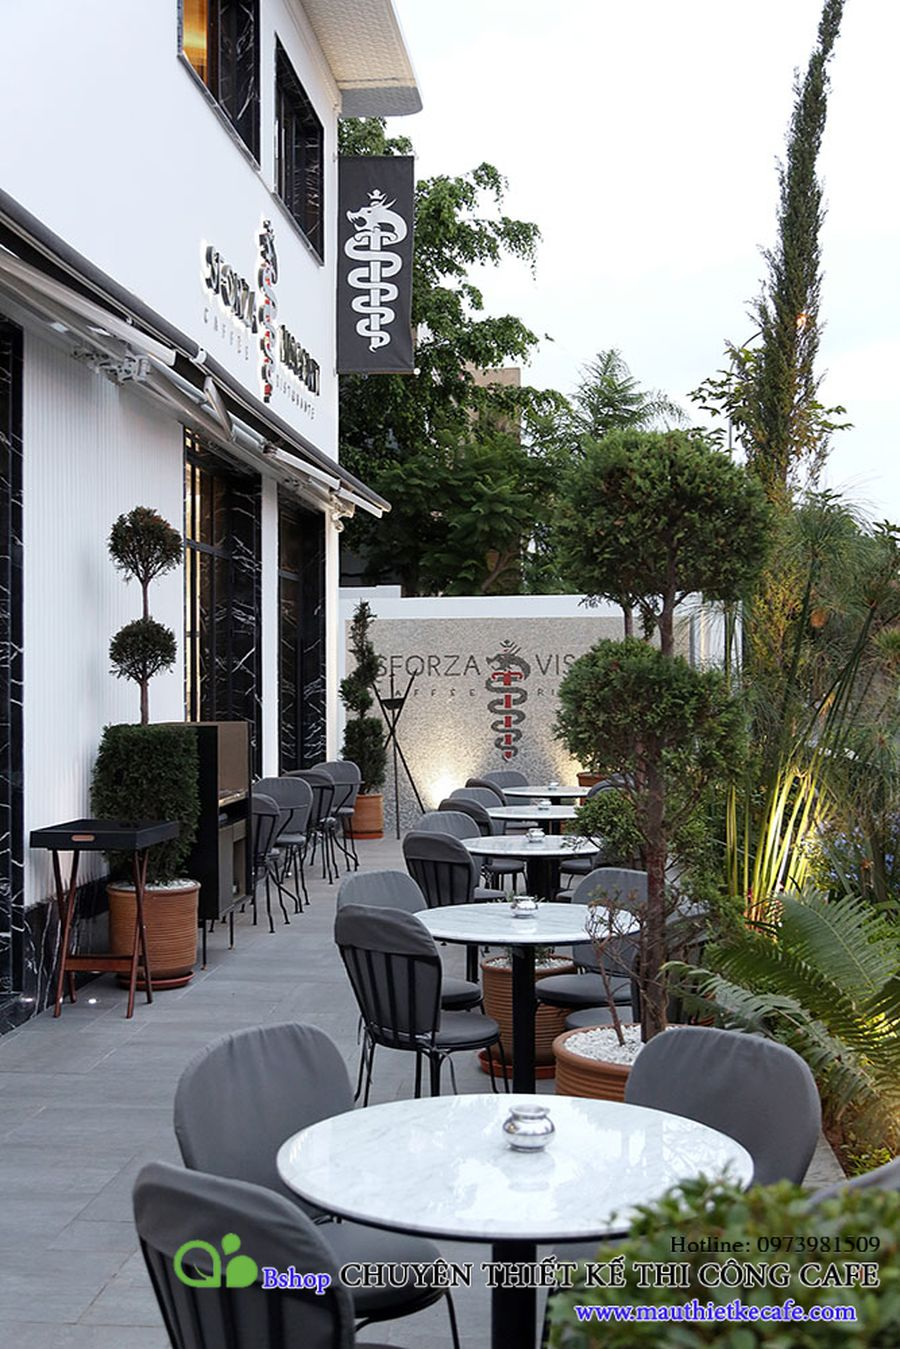 cafe Sforza-Visconti sang trong trong long almaz (2)mauthietkecafe.com